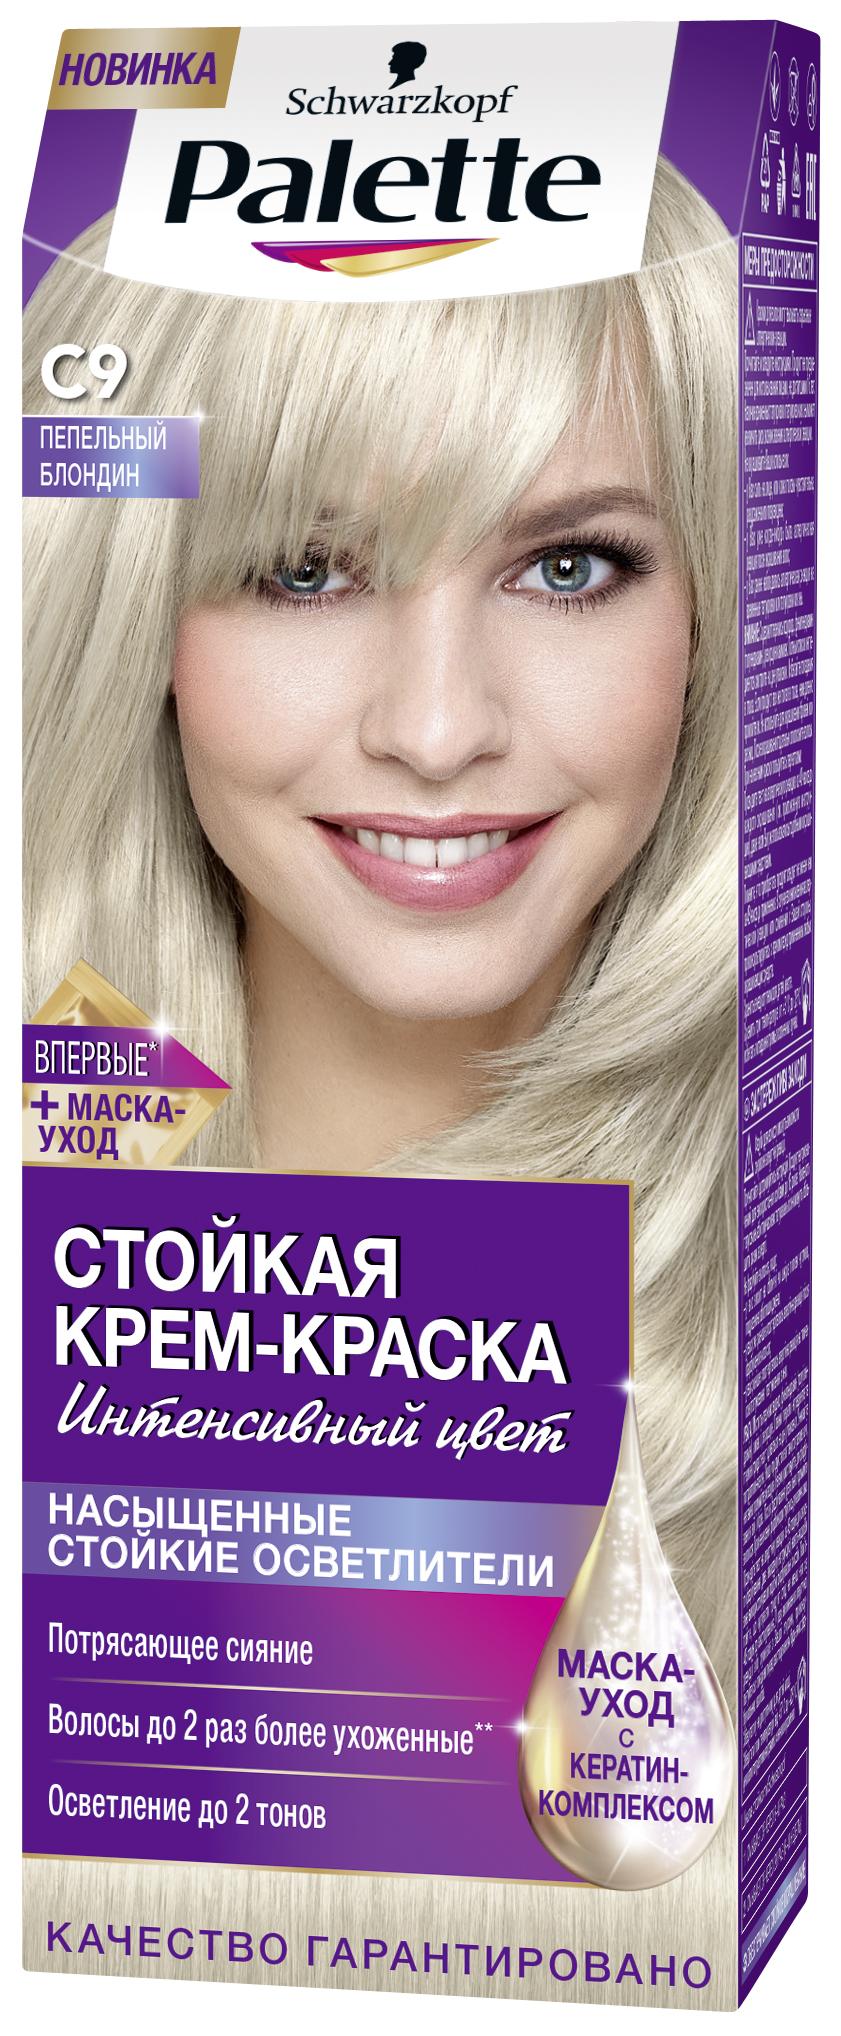 Palette Стойкая крем-краска C9 Пепельный блондин 110мл09351100Знаменитая краска для волос Palette при использовании тщательно окрашивает волосы, стойко сохраняет цвет, имеет множество разнообразных оттенков на любой, самый взыскательный, вкус.